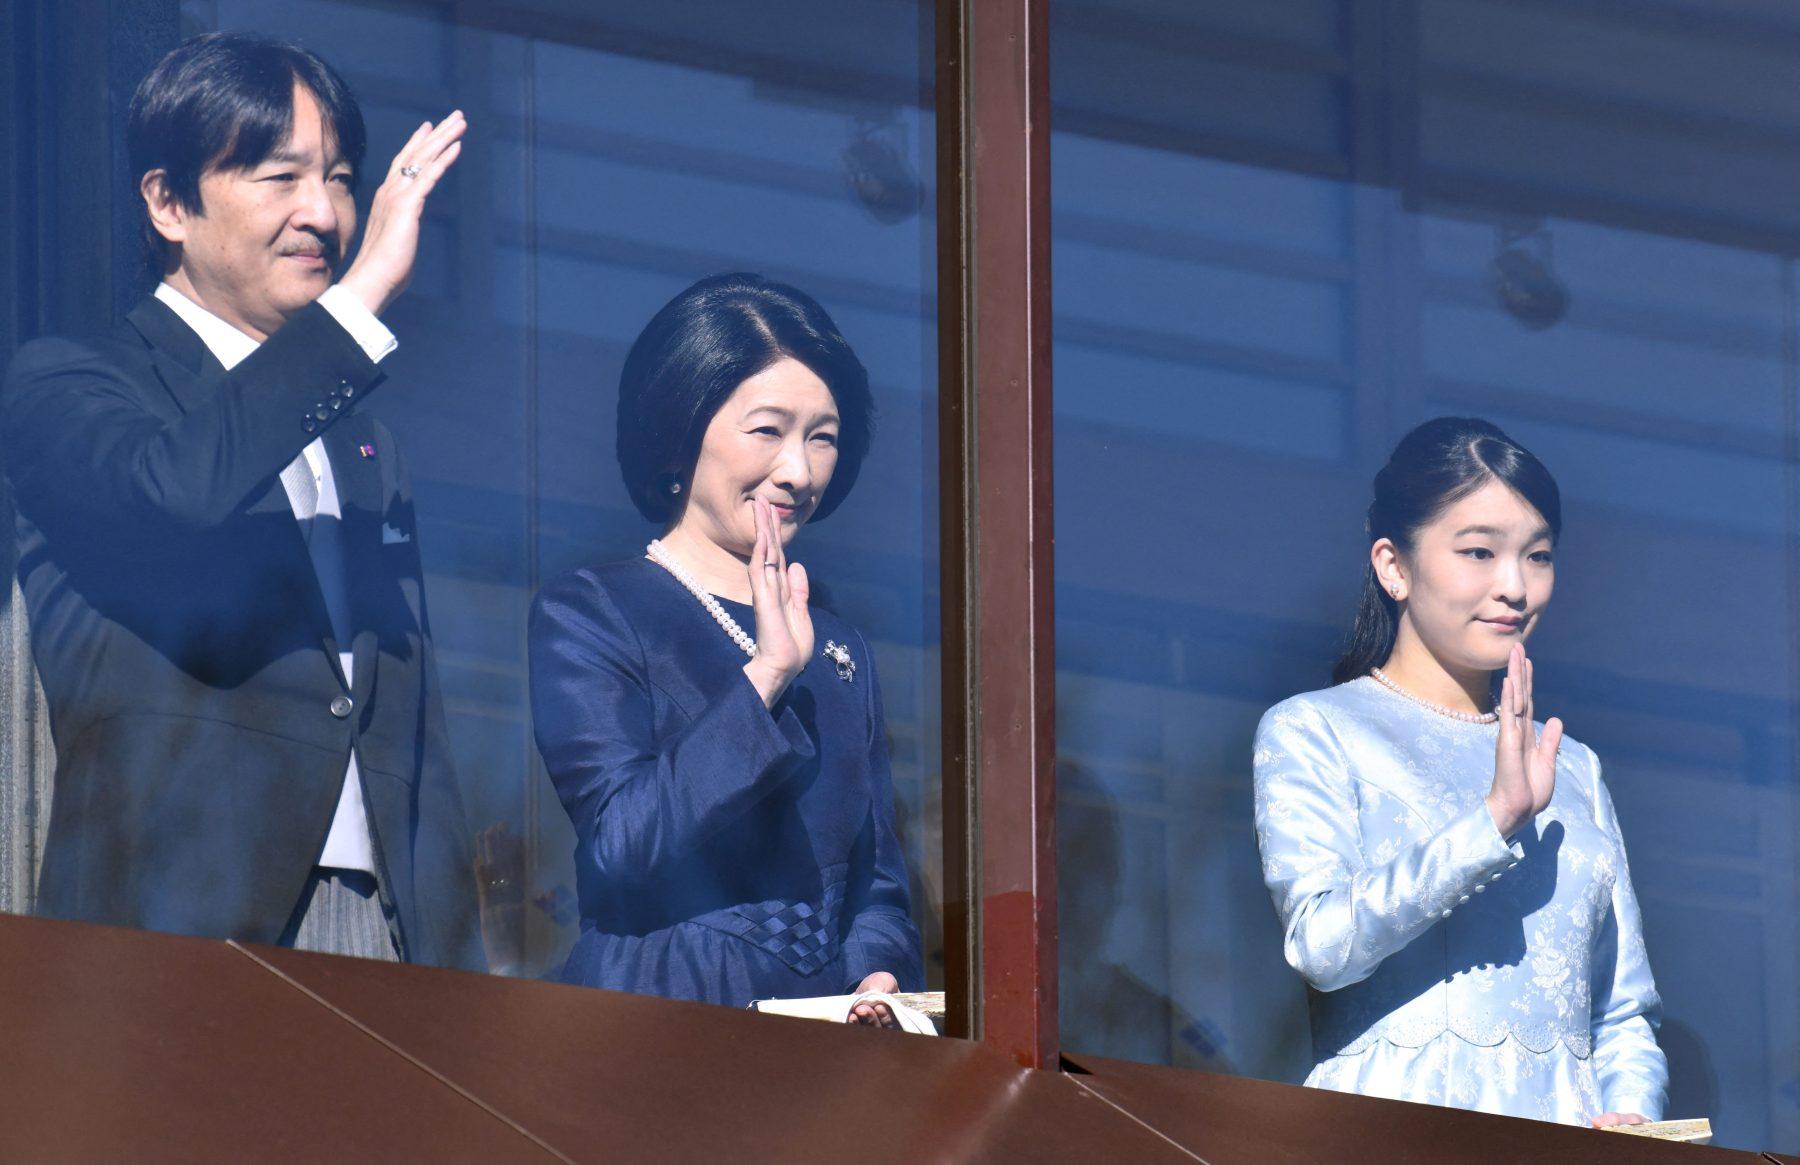 Japanse prinses Mako verlaat keizerlijke familie door te trouwen met 'gewone' burger